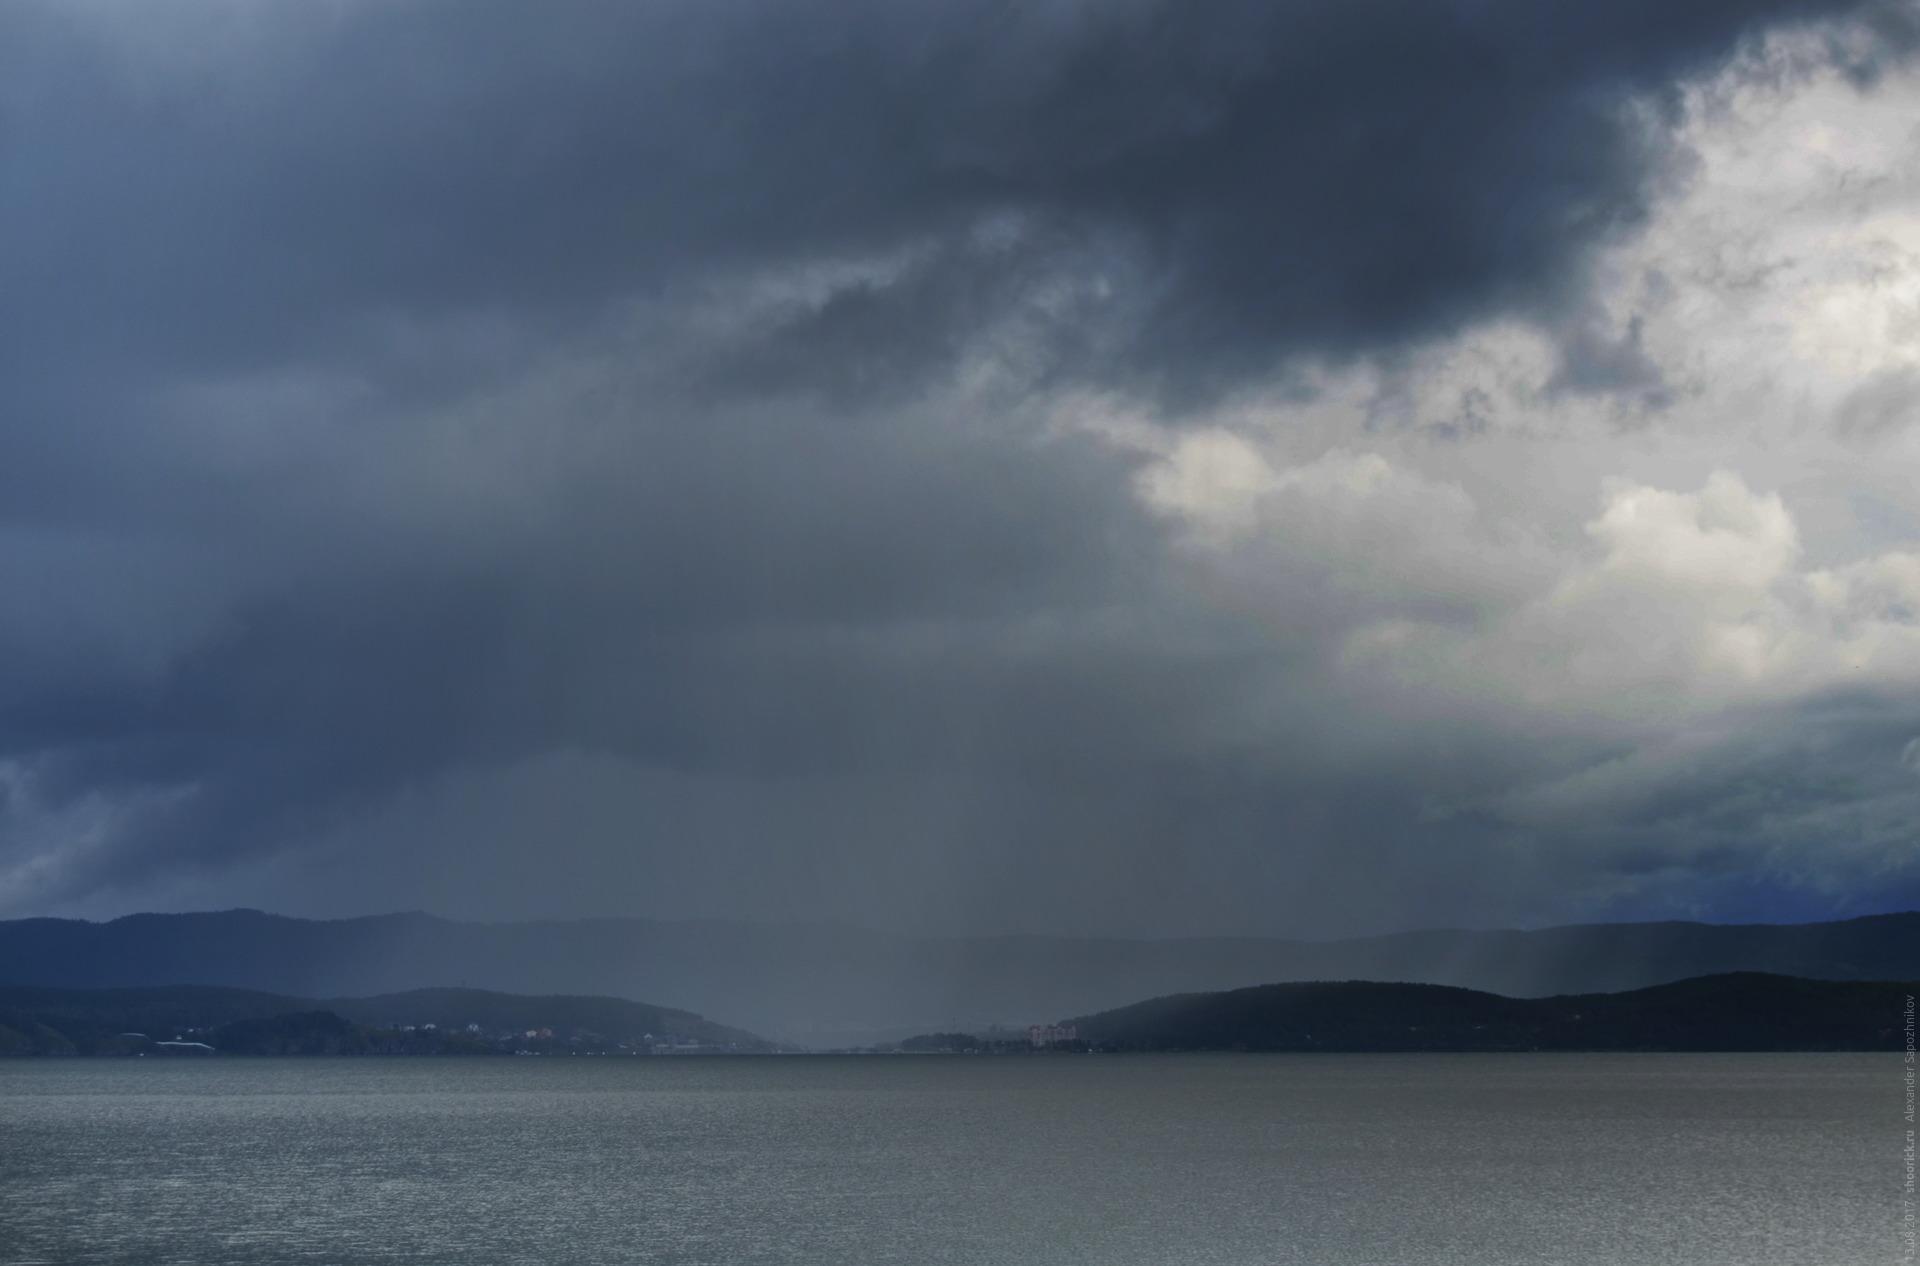 Озеро Тургояк. Дождь над Машгородком